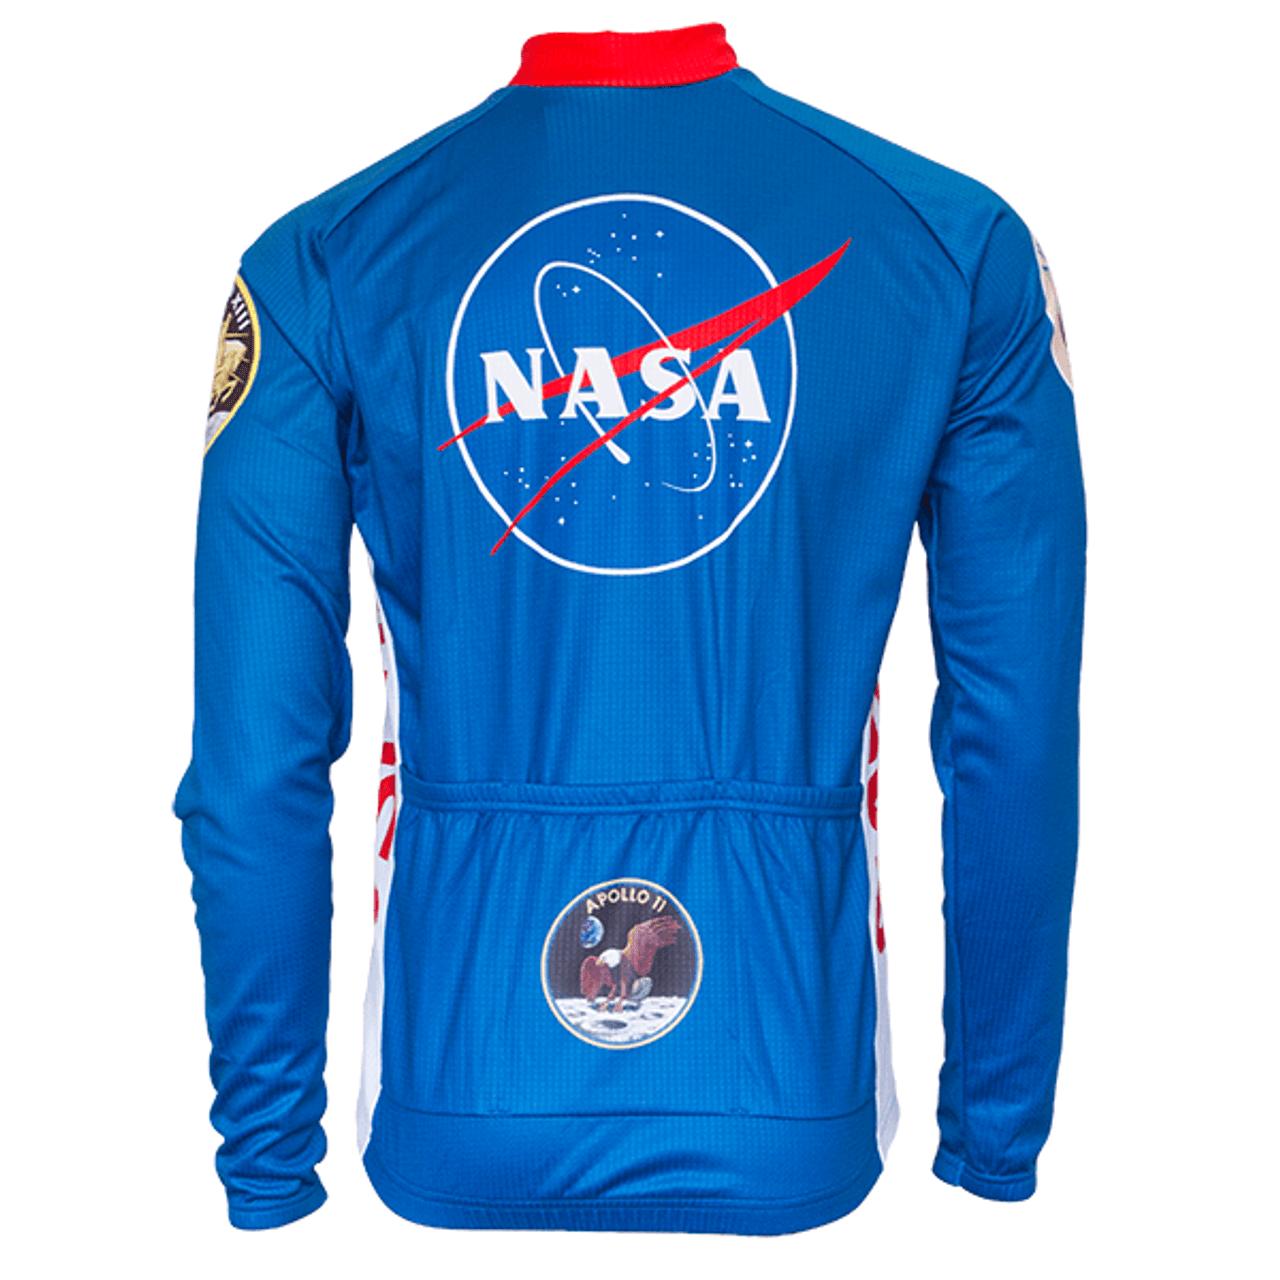 NASA Cycling Jersey Long Sleeve